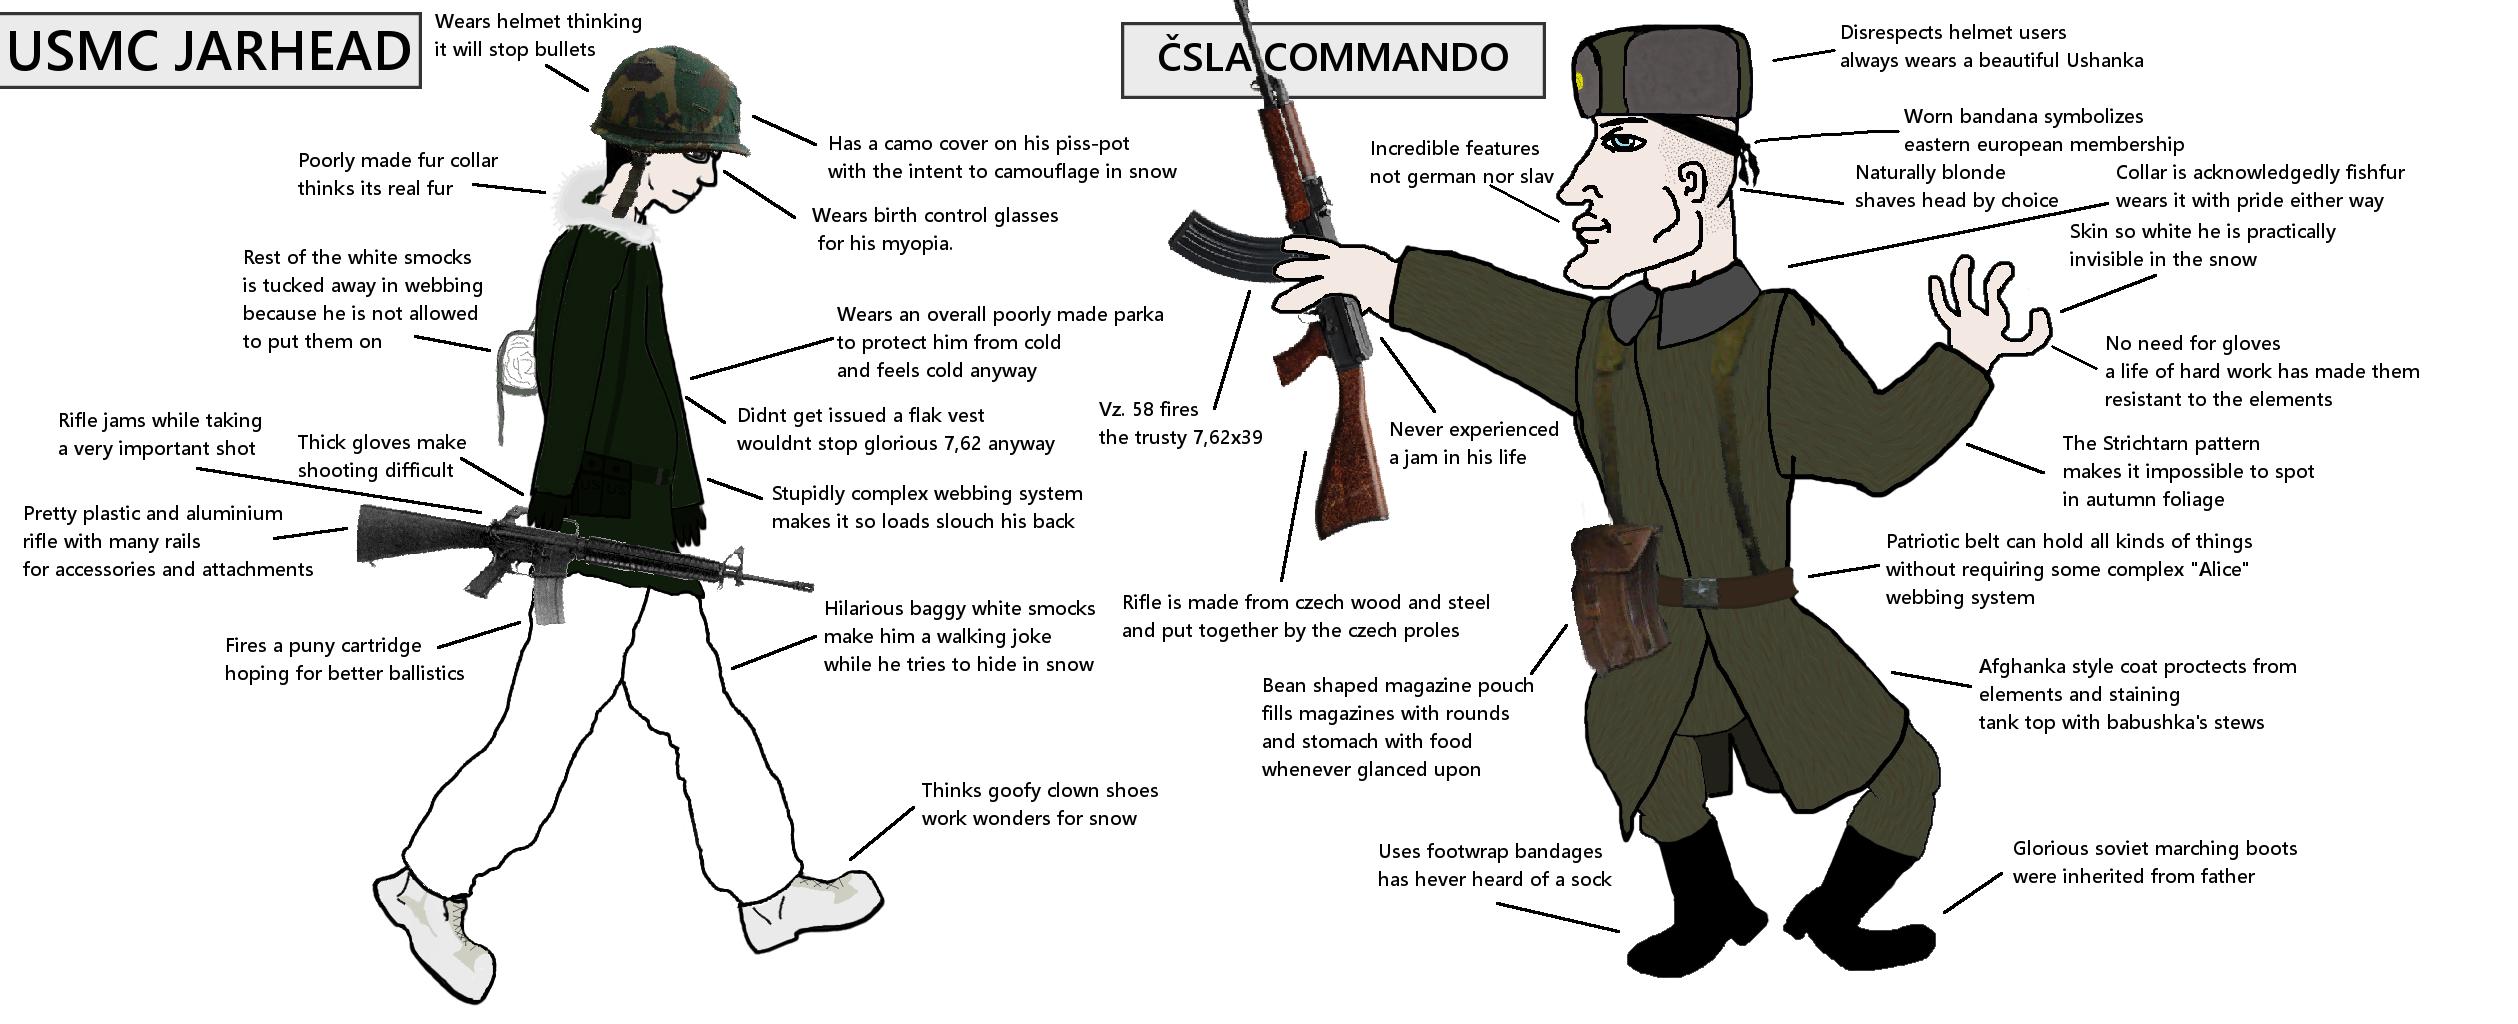 USMC virgin vs ČSLA chad